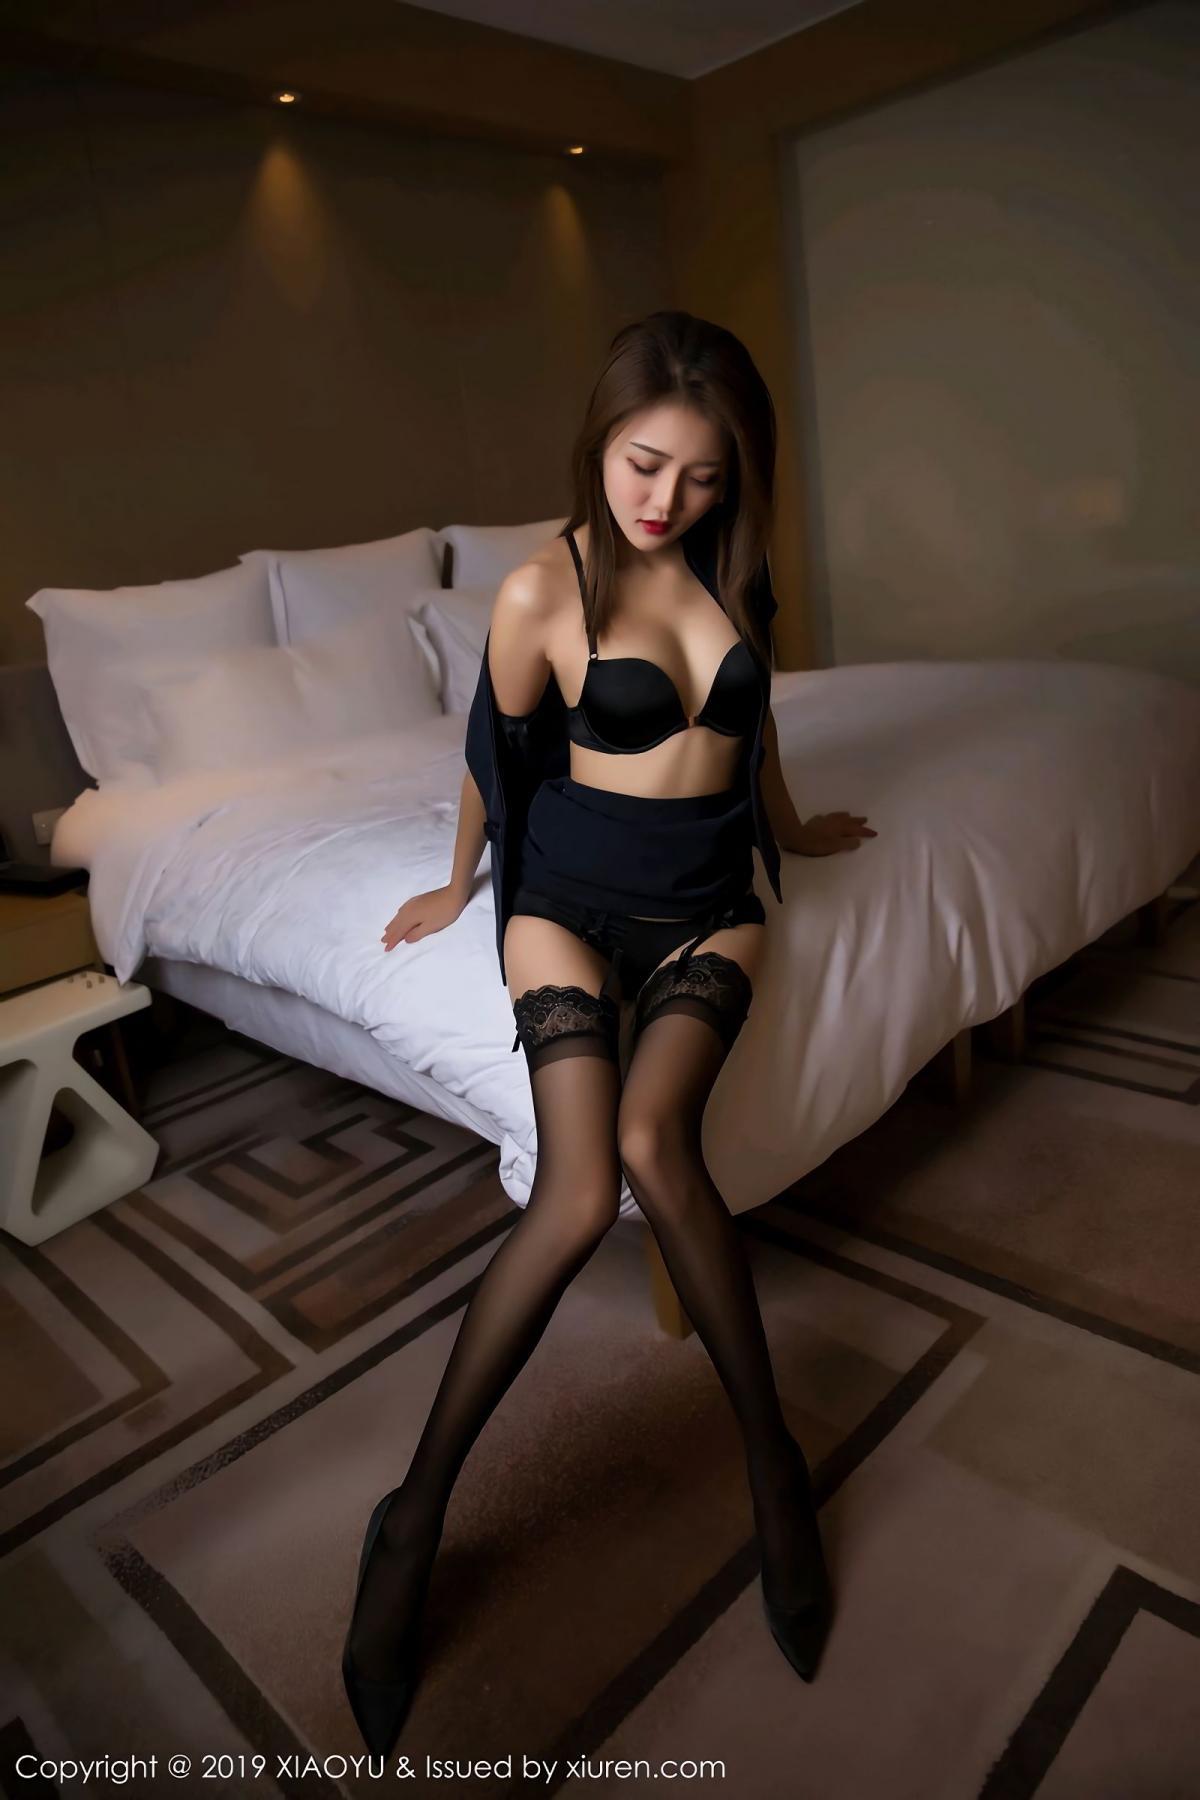 [XiaoYu] Vol.037 Miko Jiang 32P, Miko Jiang, Slim, Tall, Underwear, XiaoYu